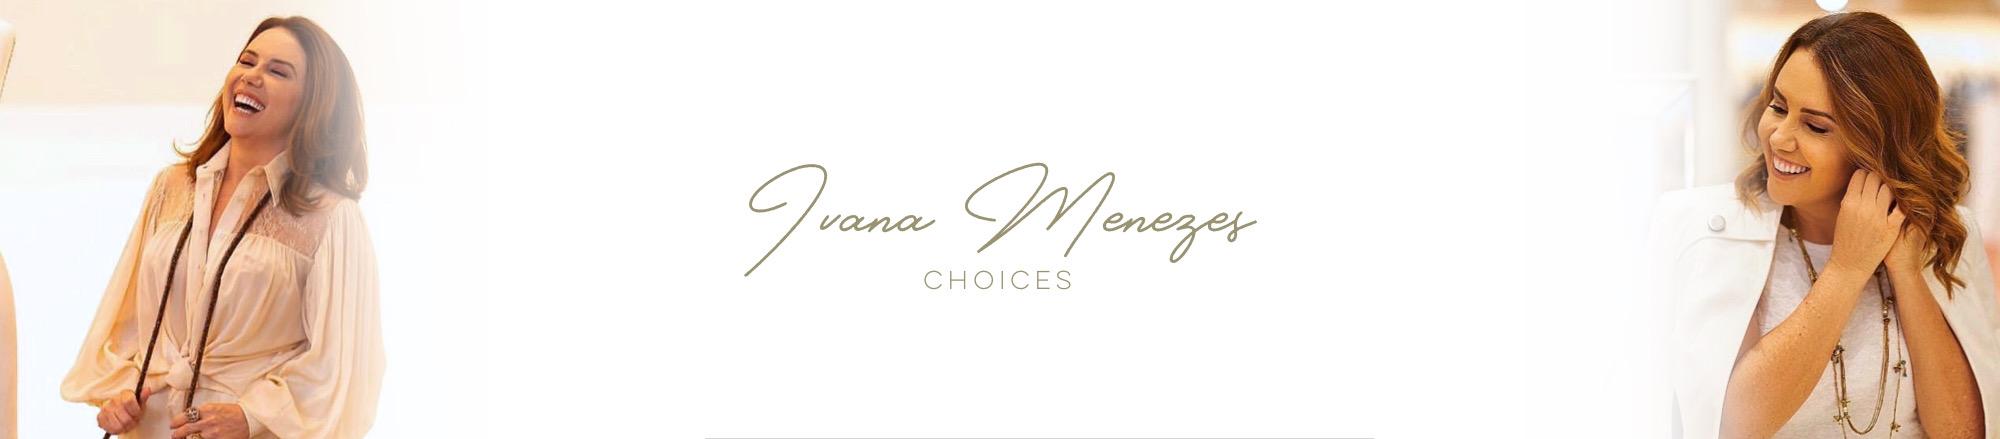 escolhas da Ivana categoria